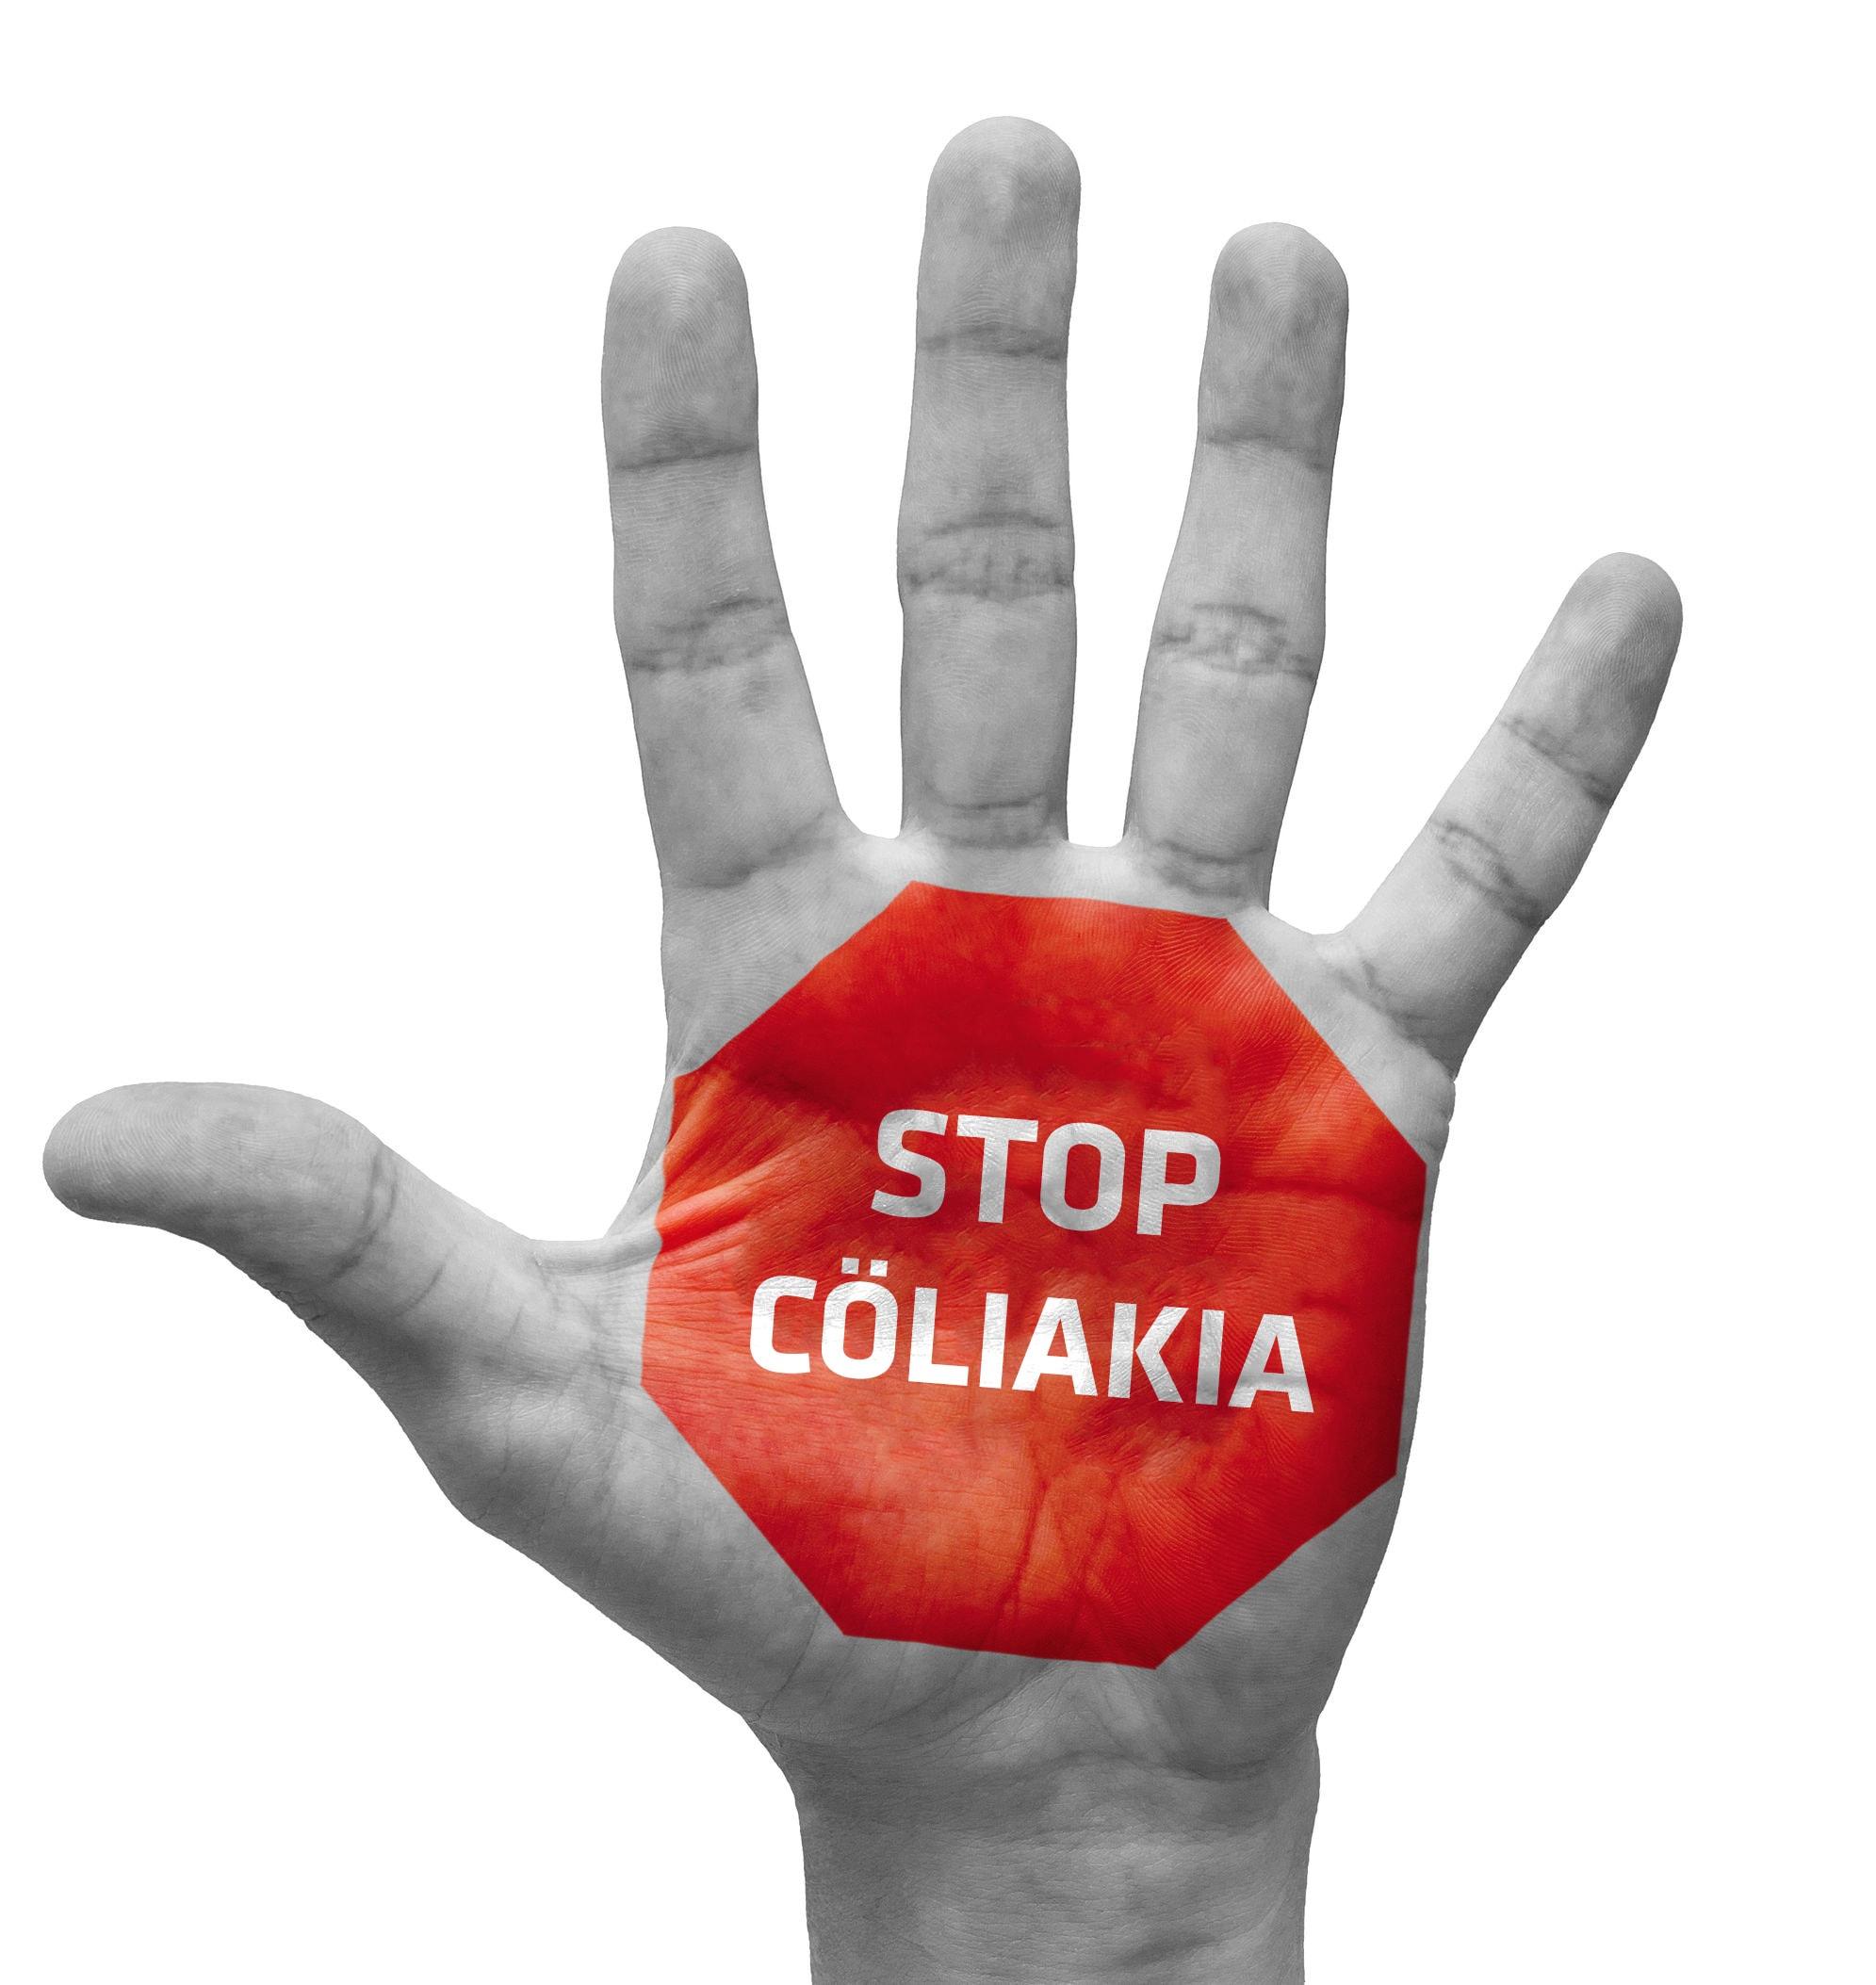 Stop Cöliákia